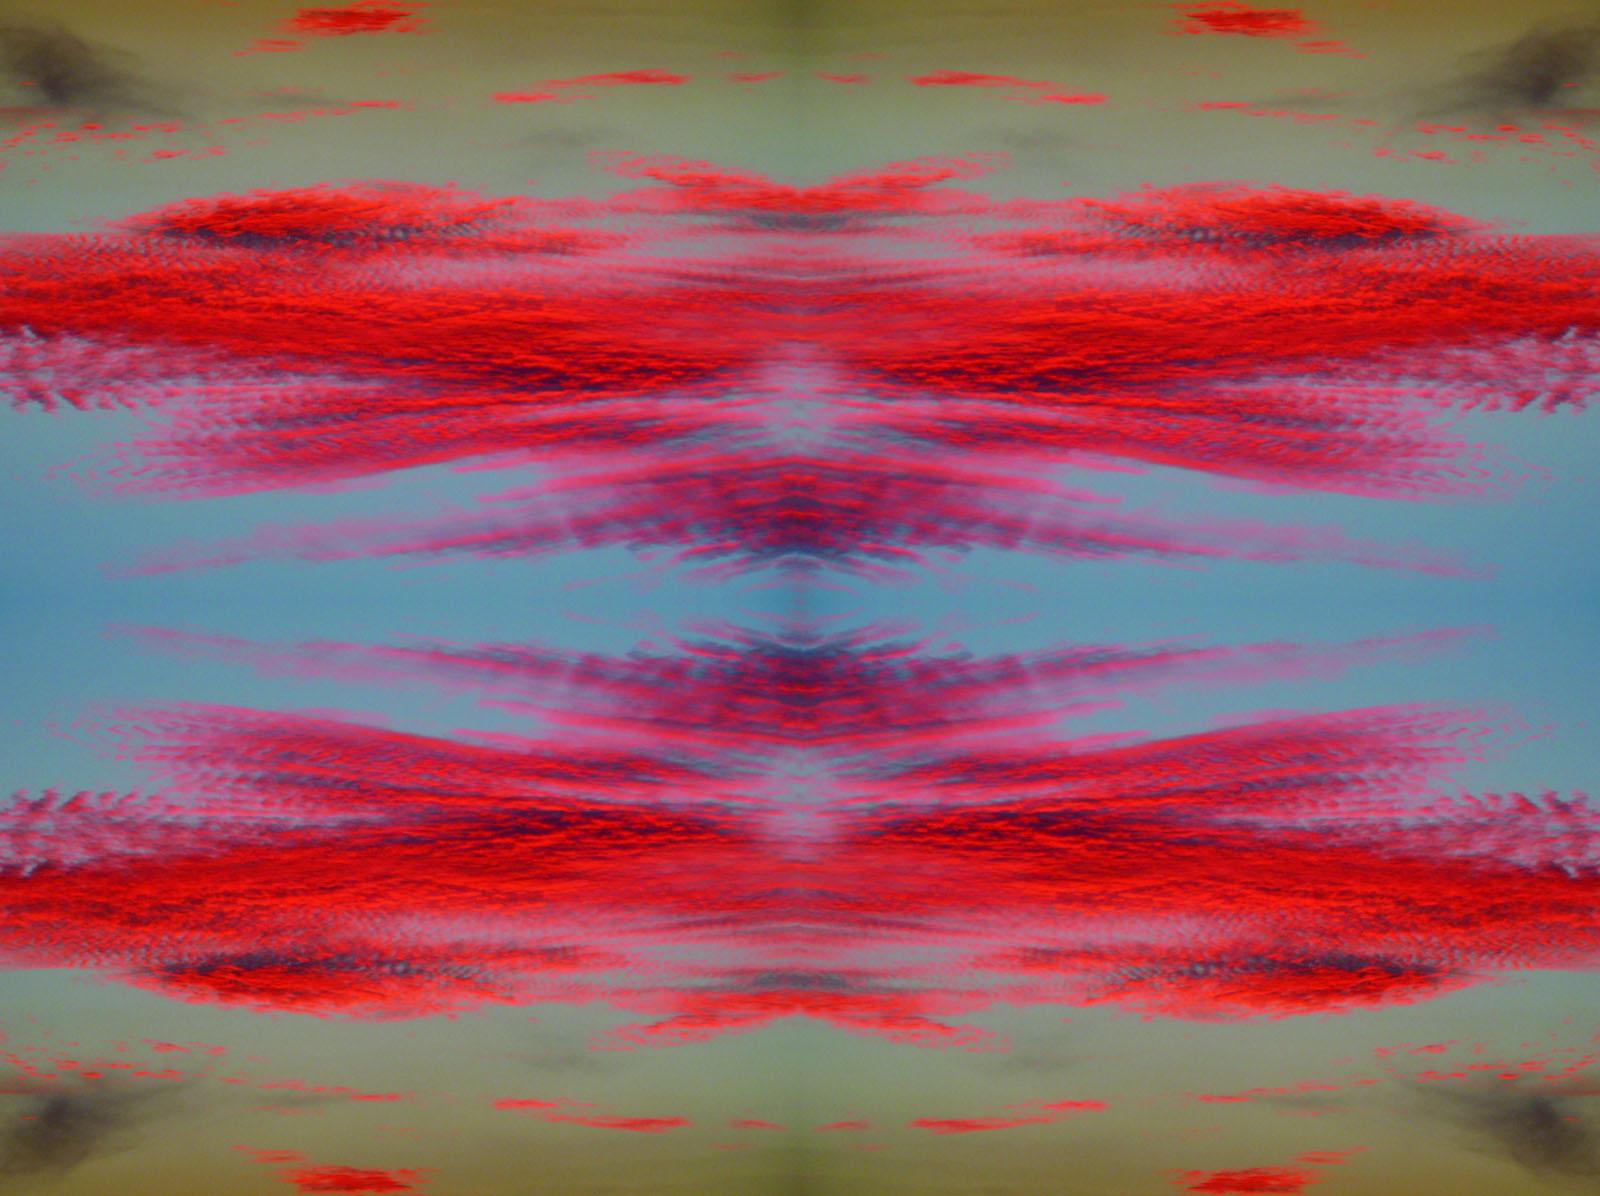 celcius-2-arte-digital-sobre-tela-rosemary-golcher.jpg